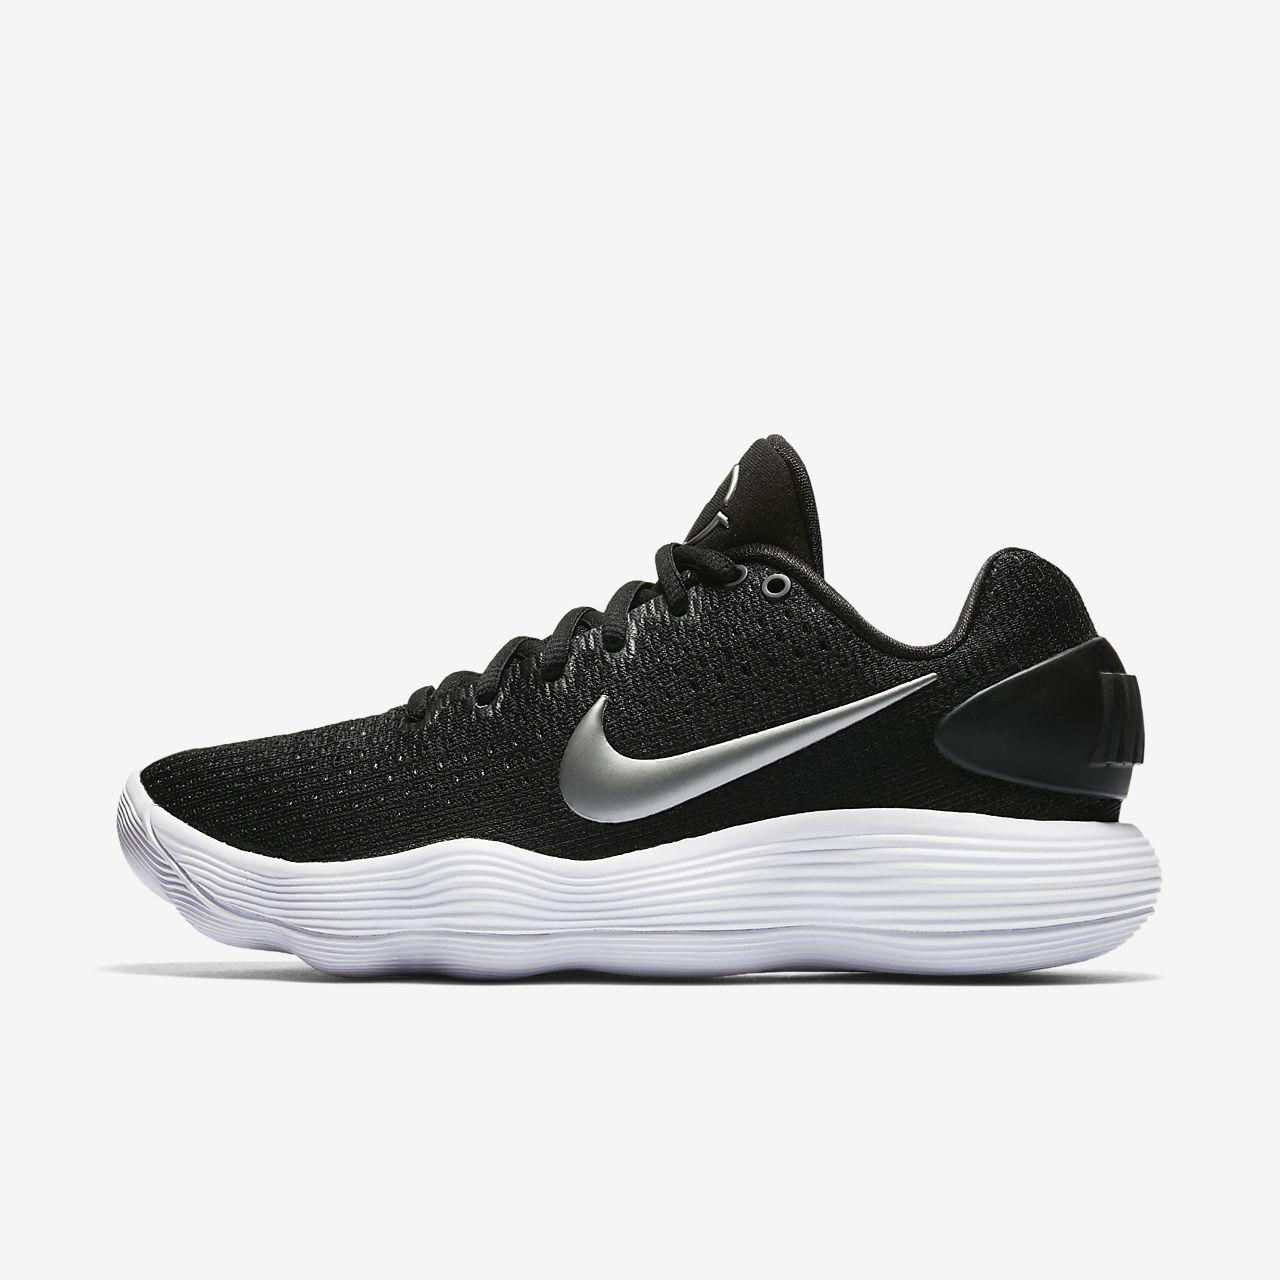 scarpe basket nike hyperdunk offerte